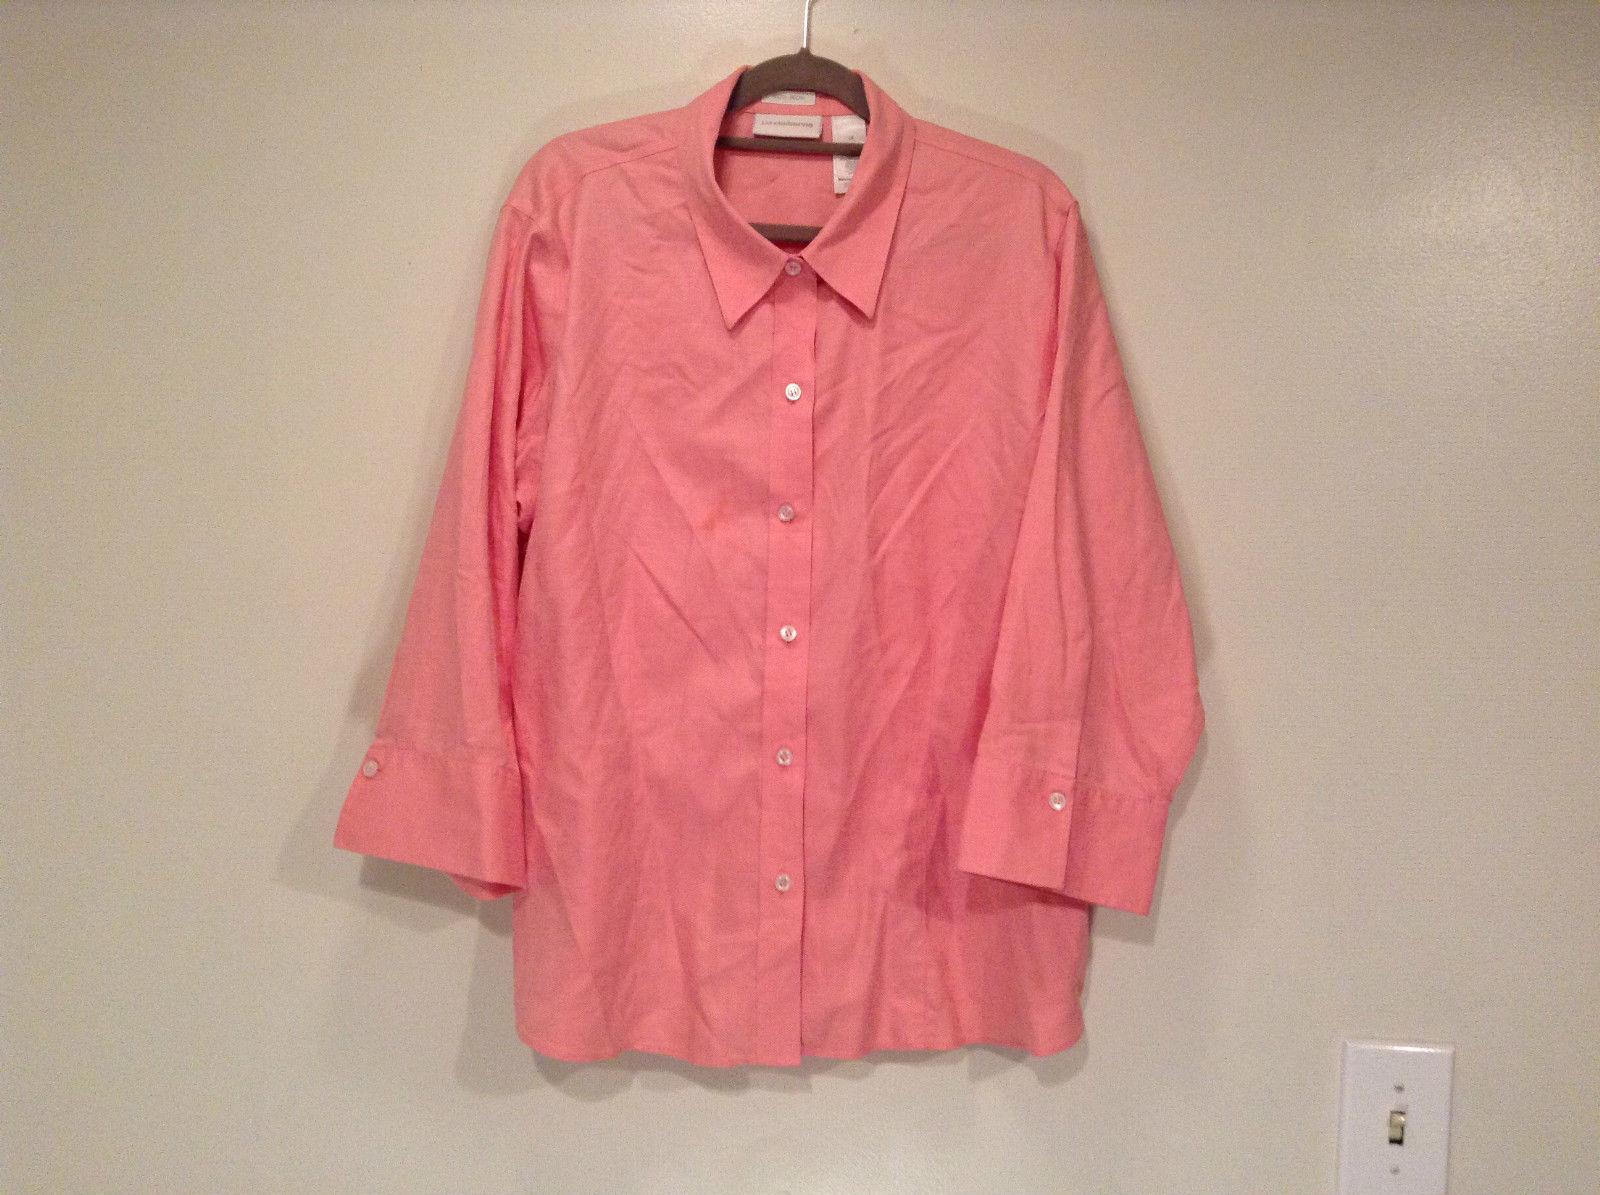 Pink Long Sleeve Button Up Liz Claiborne 100 Percent Cotton Shirt Size 16